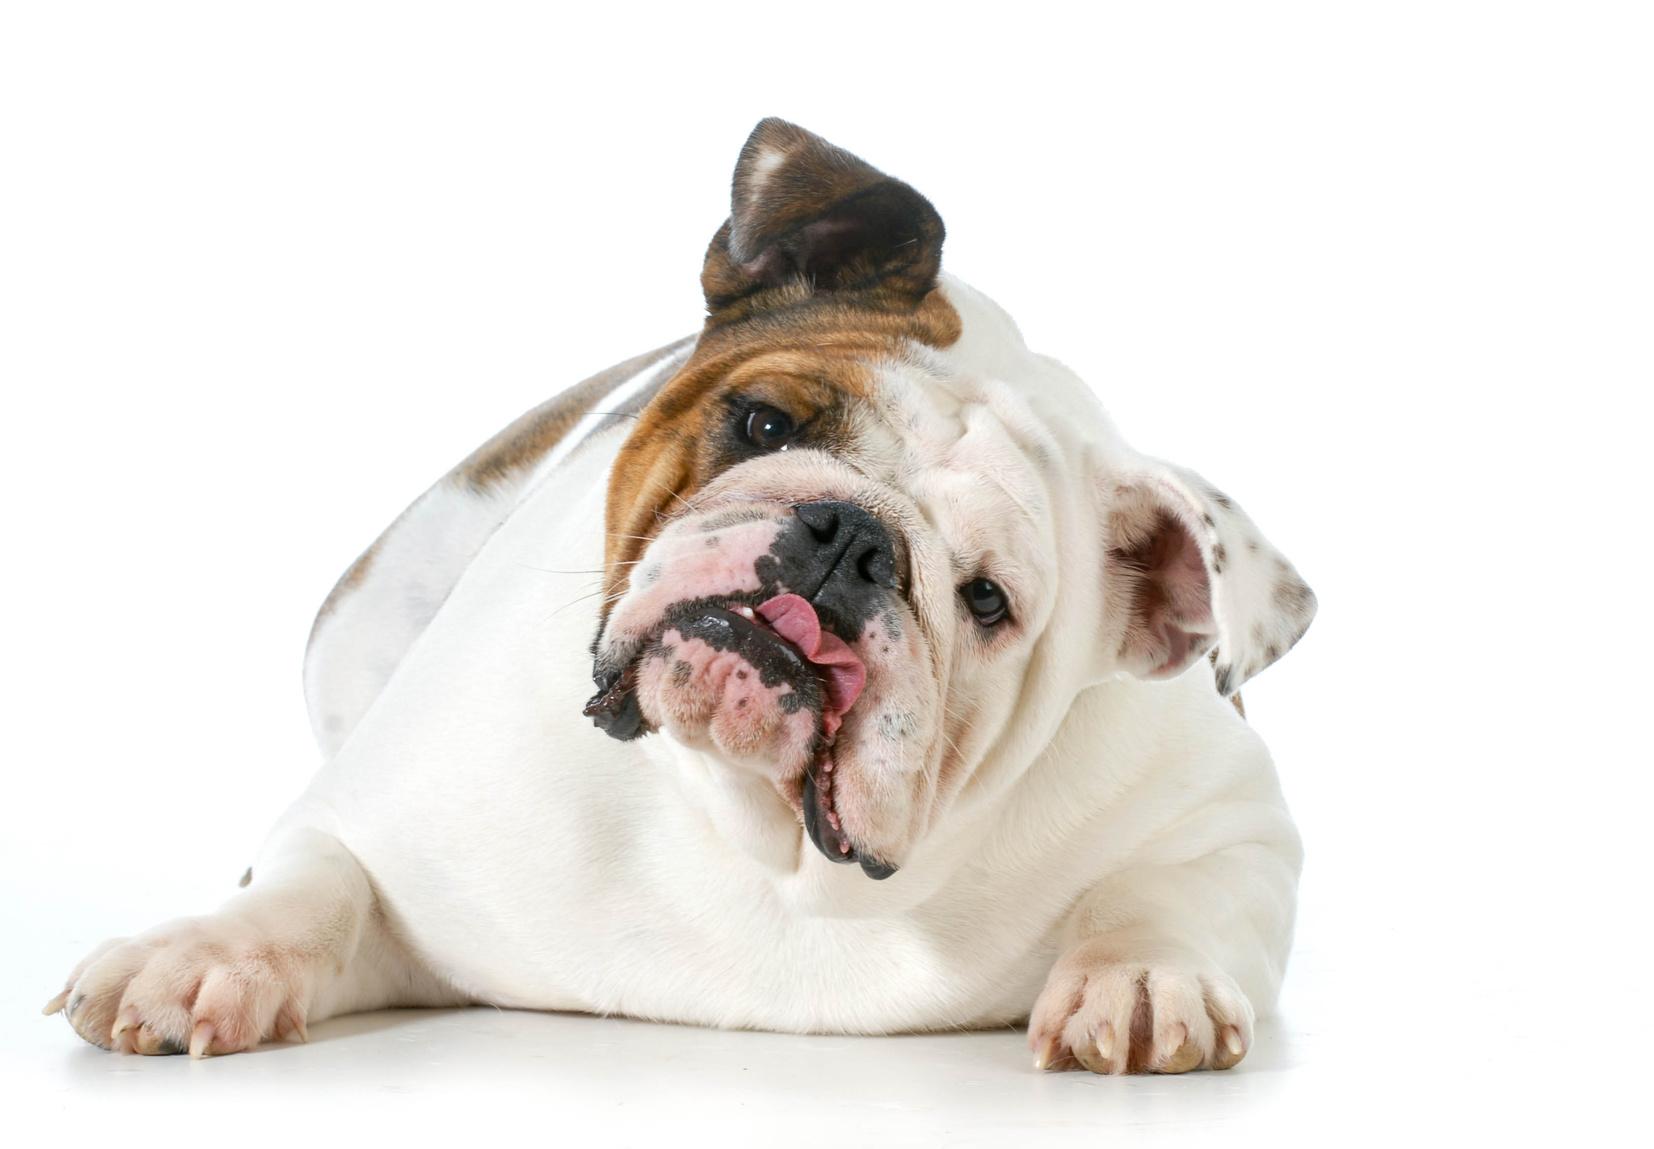 ドッグフード 脂肪 ブルドッグが首をかしげる写真